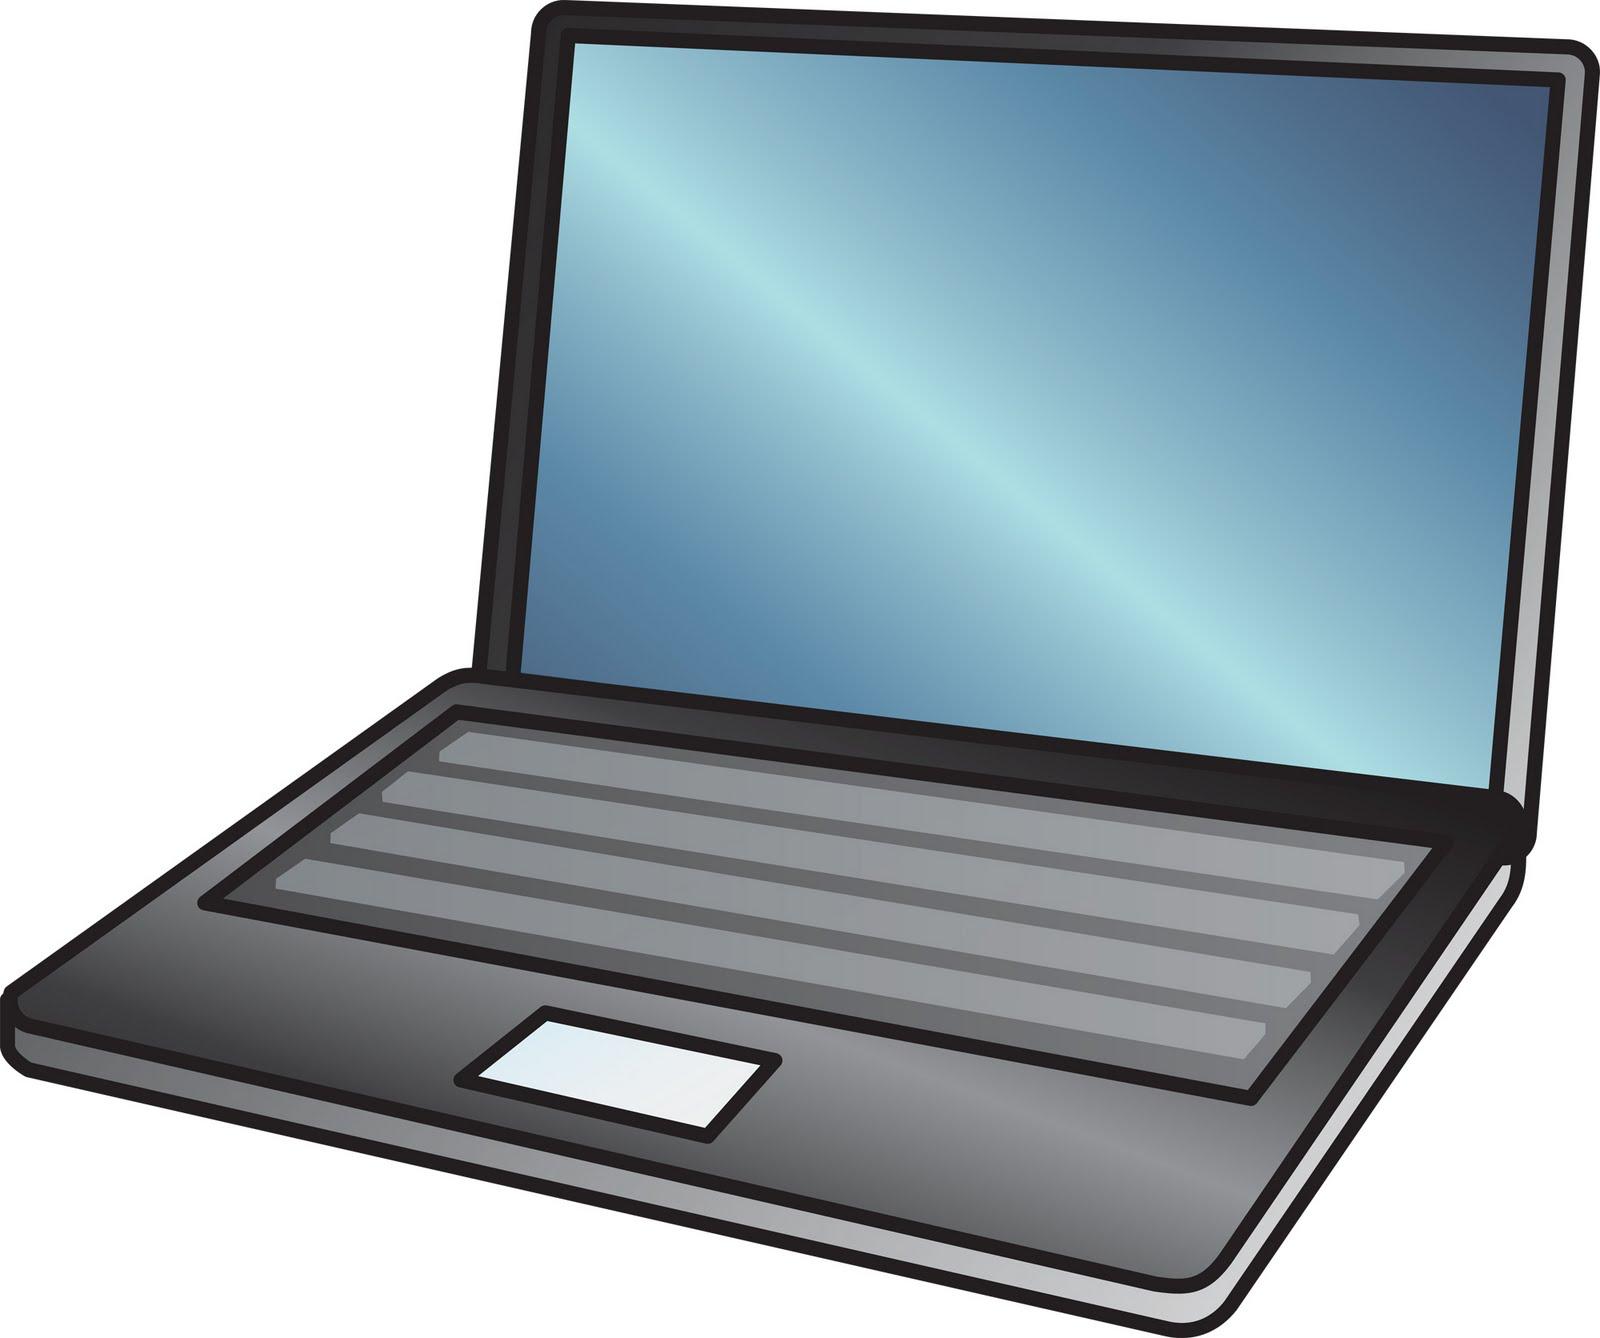 Clipart laptop clipart